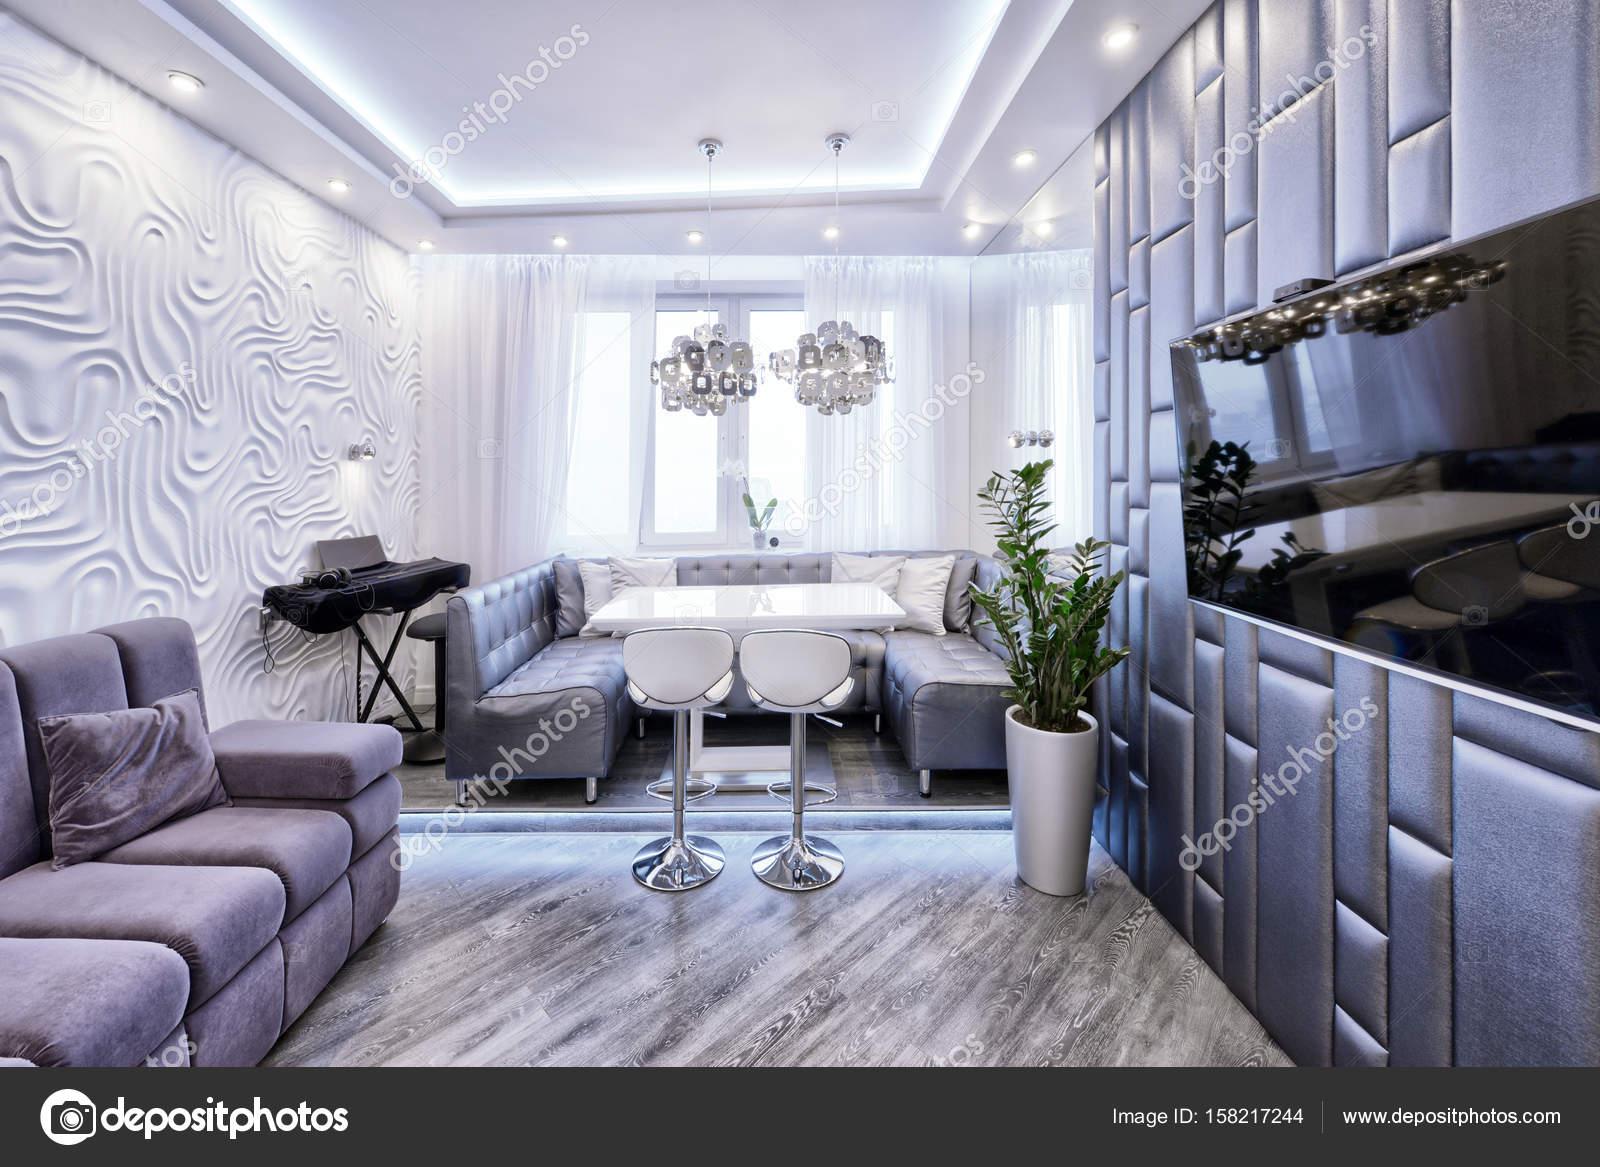 Interni dal design moderno di soggiorno in un appartamento for Design moderno interni